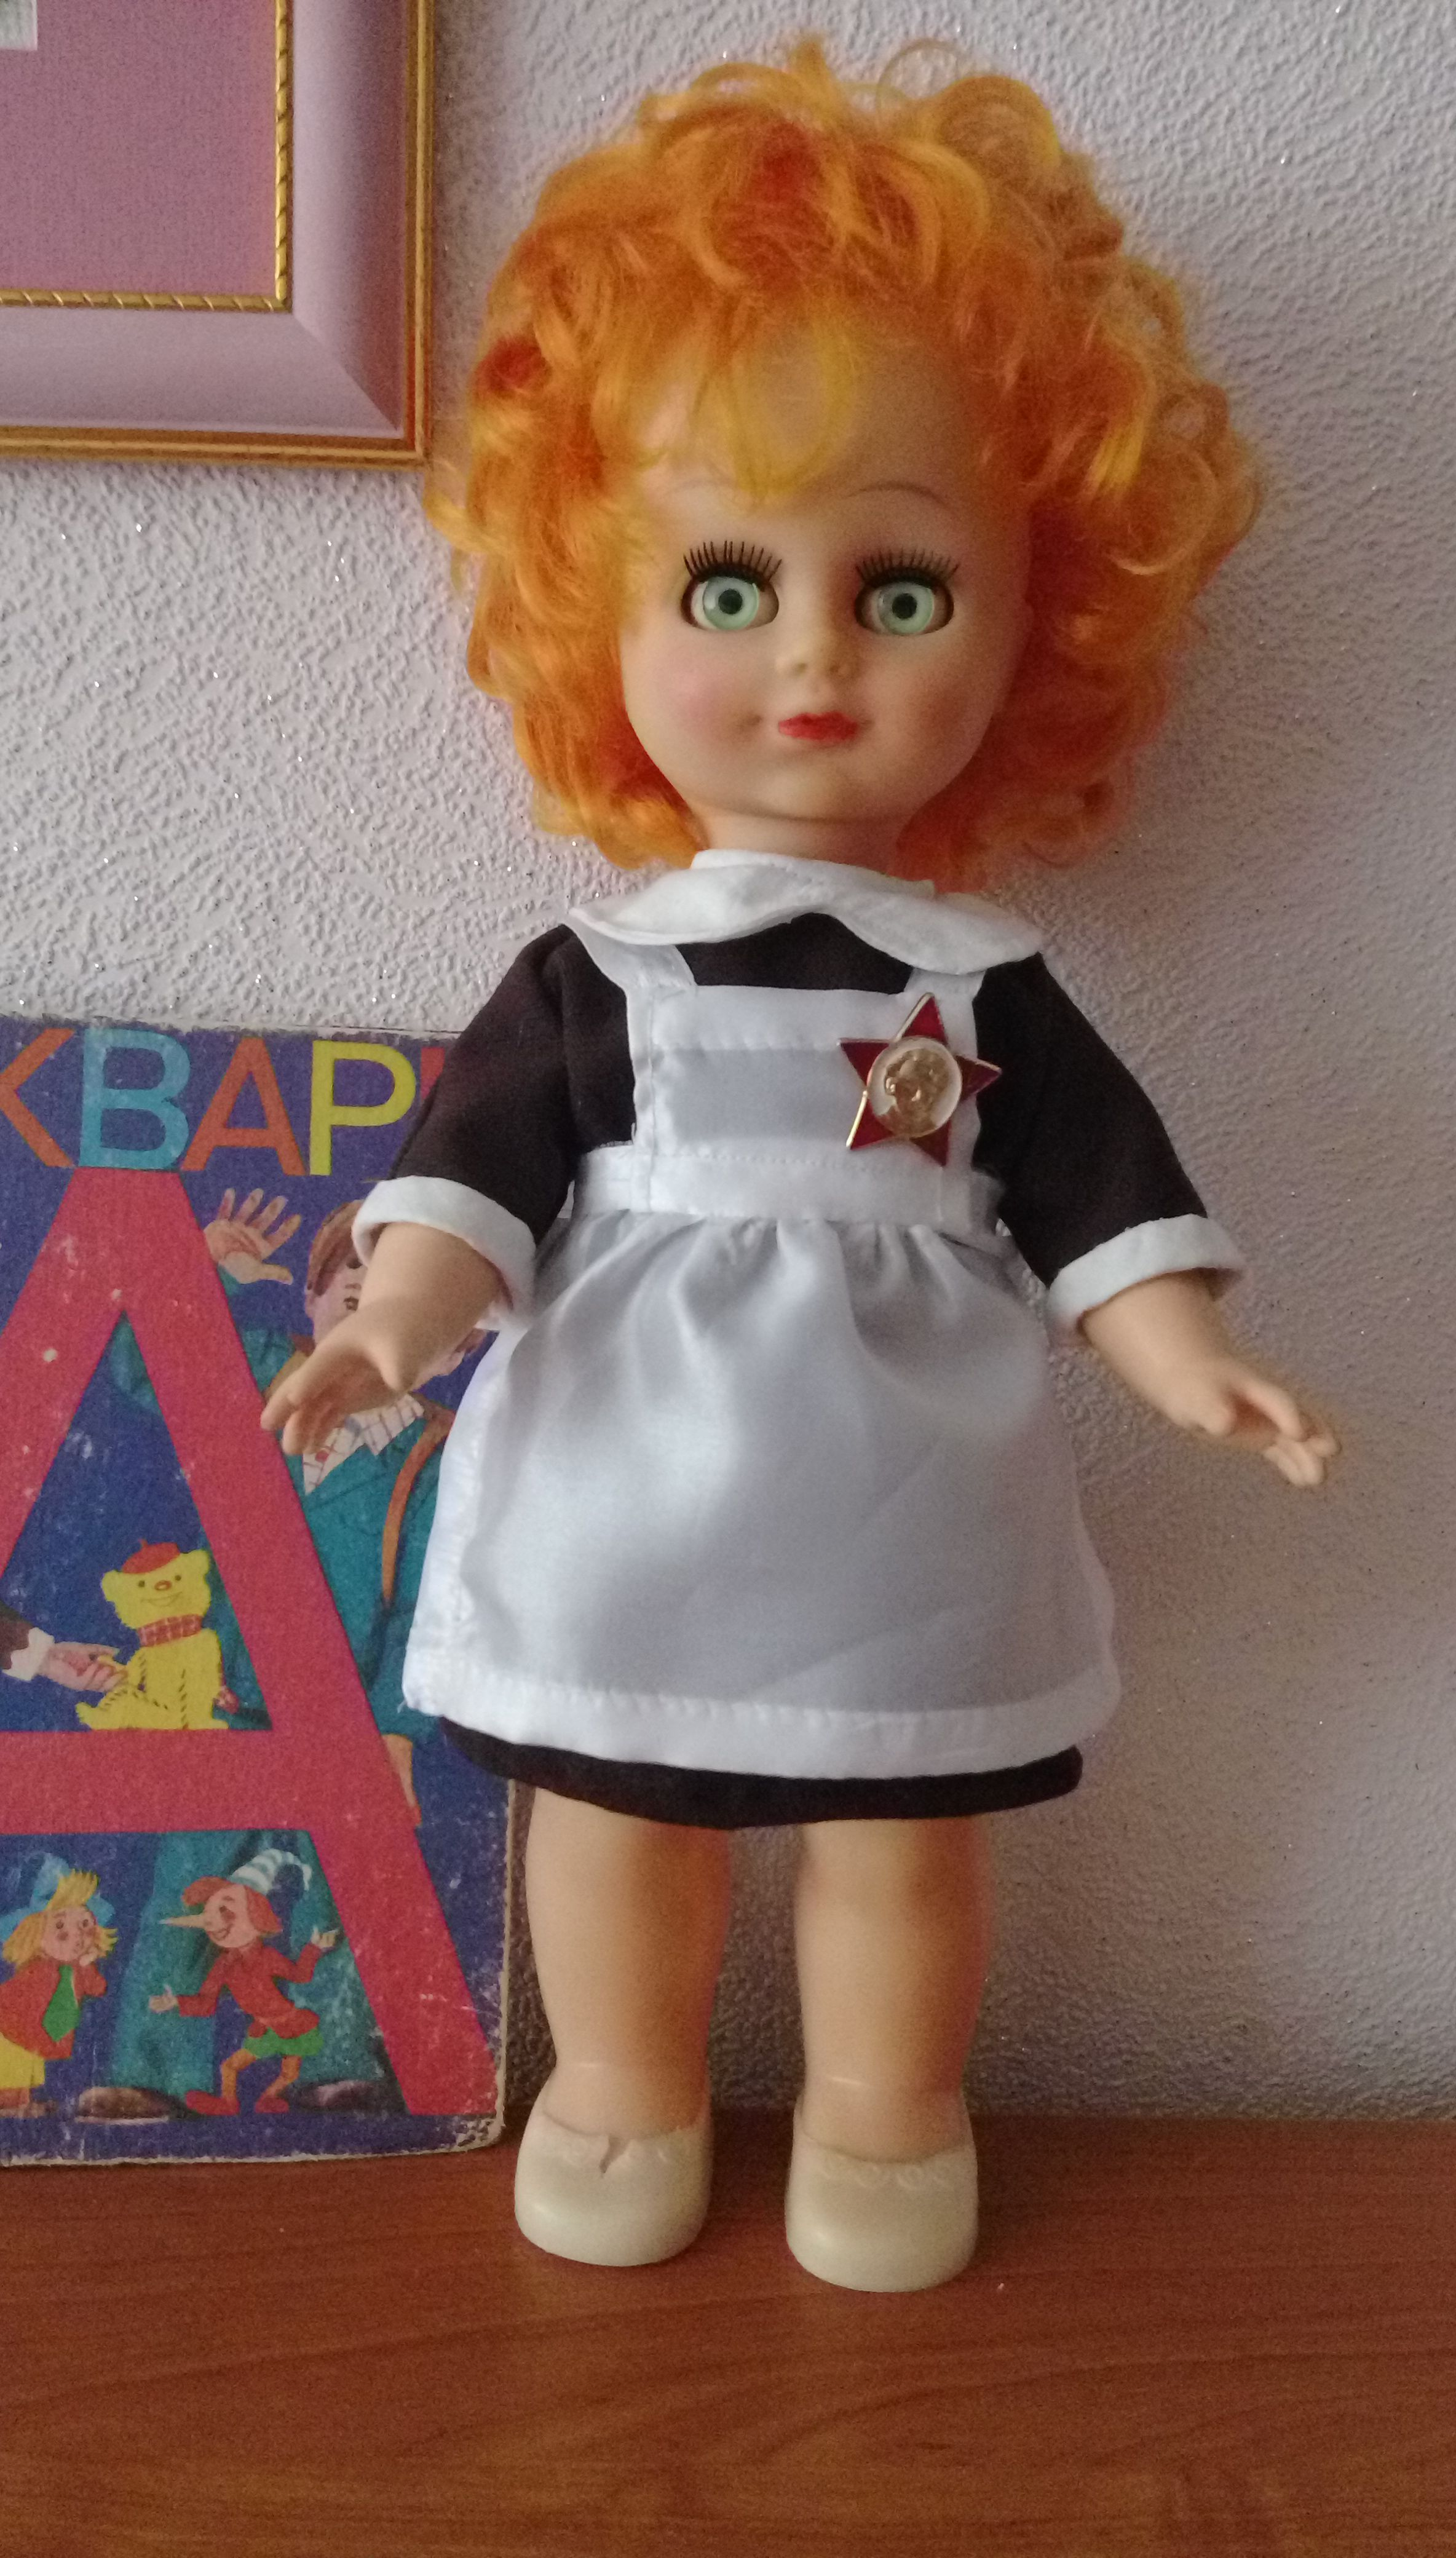 кукольная кукла школьная форма одежда